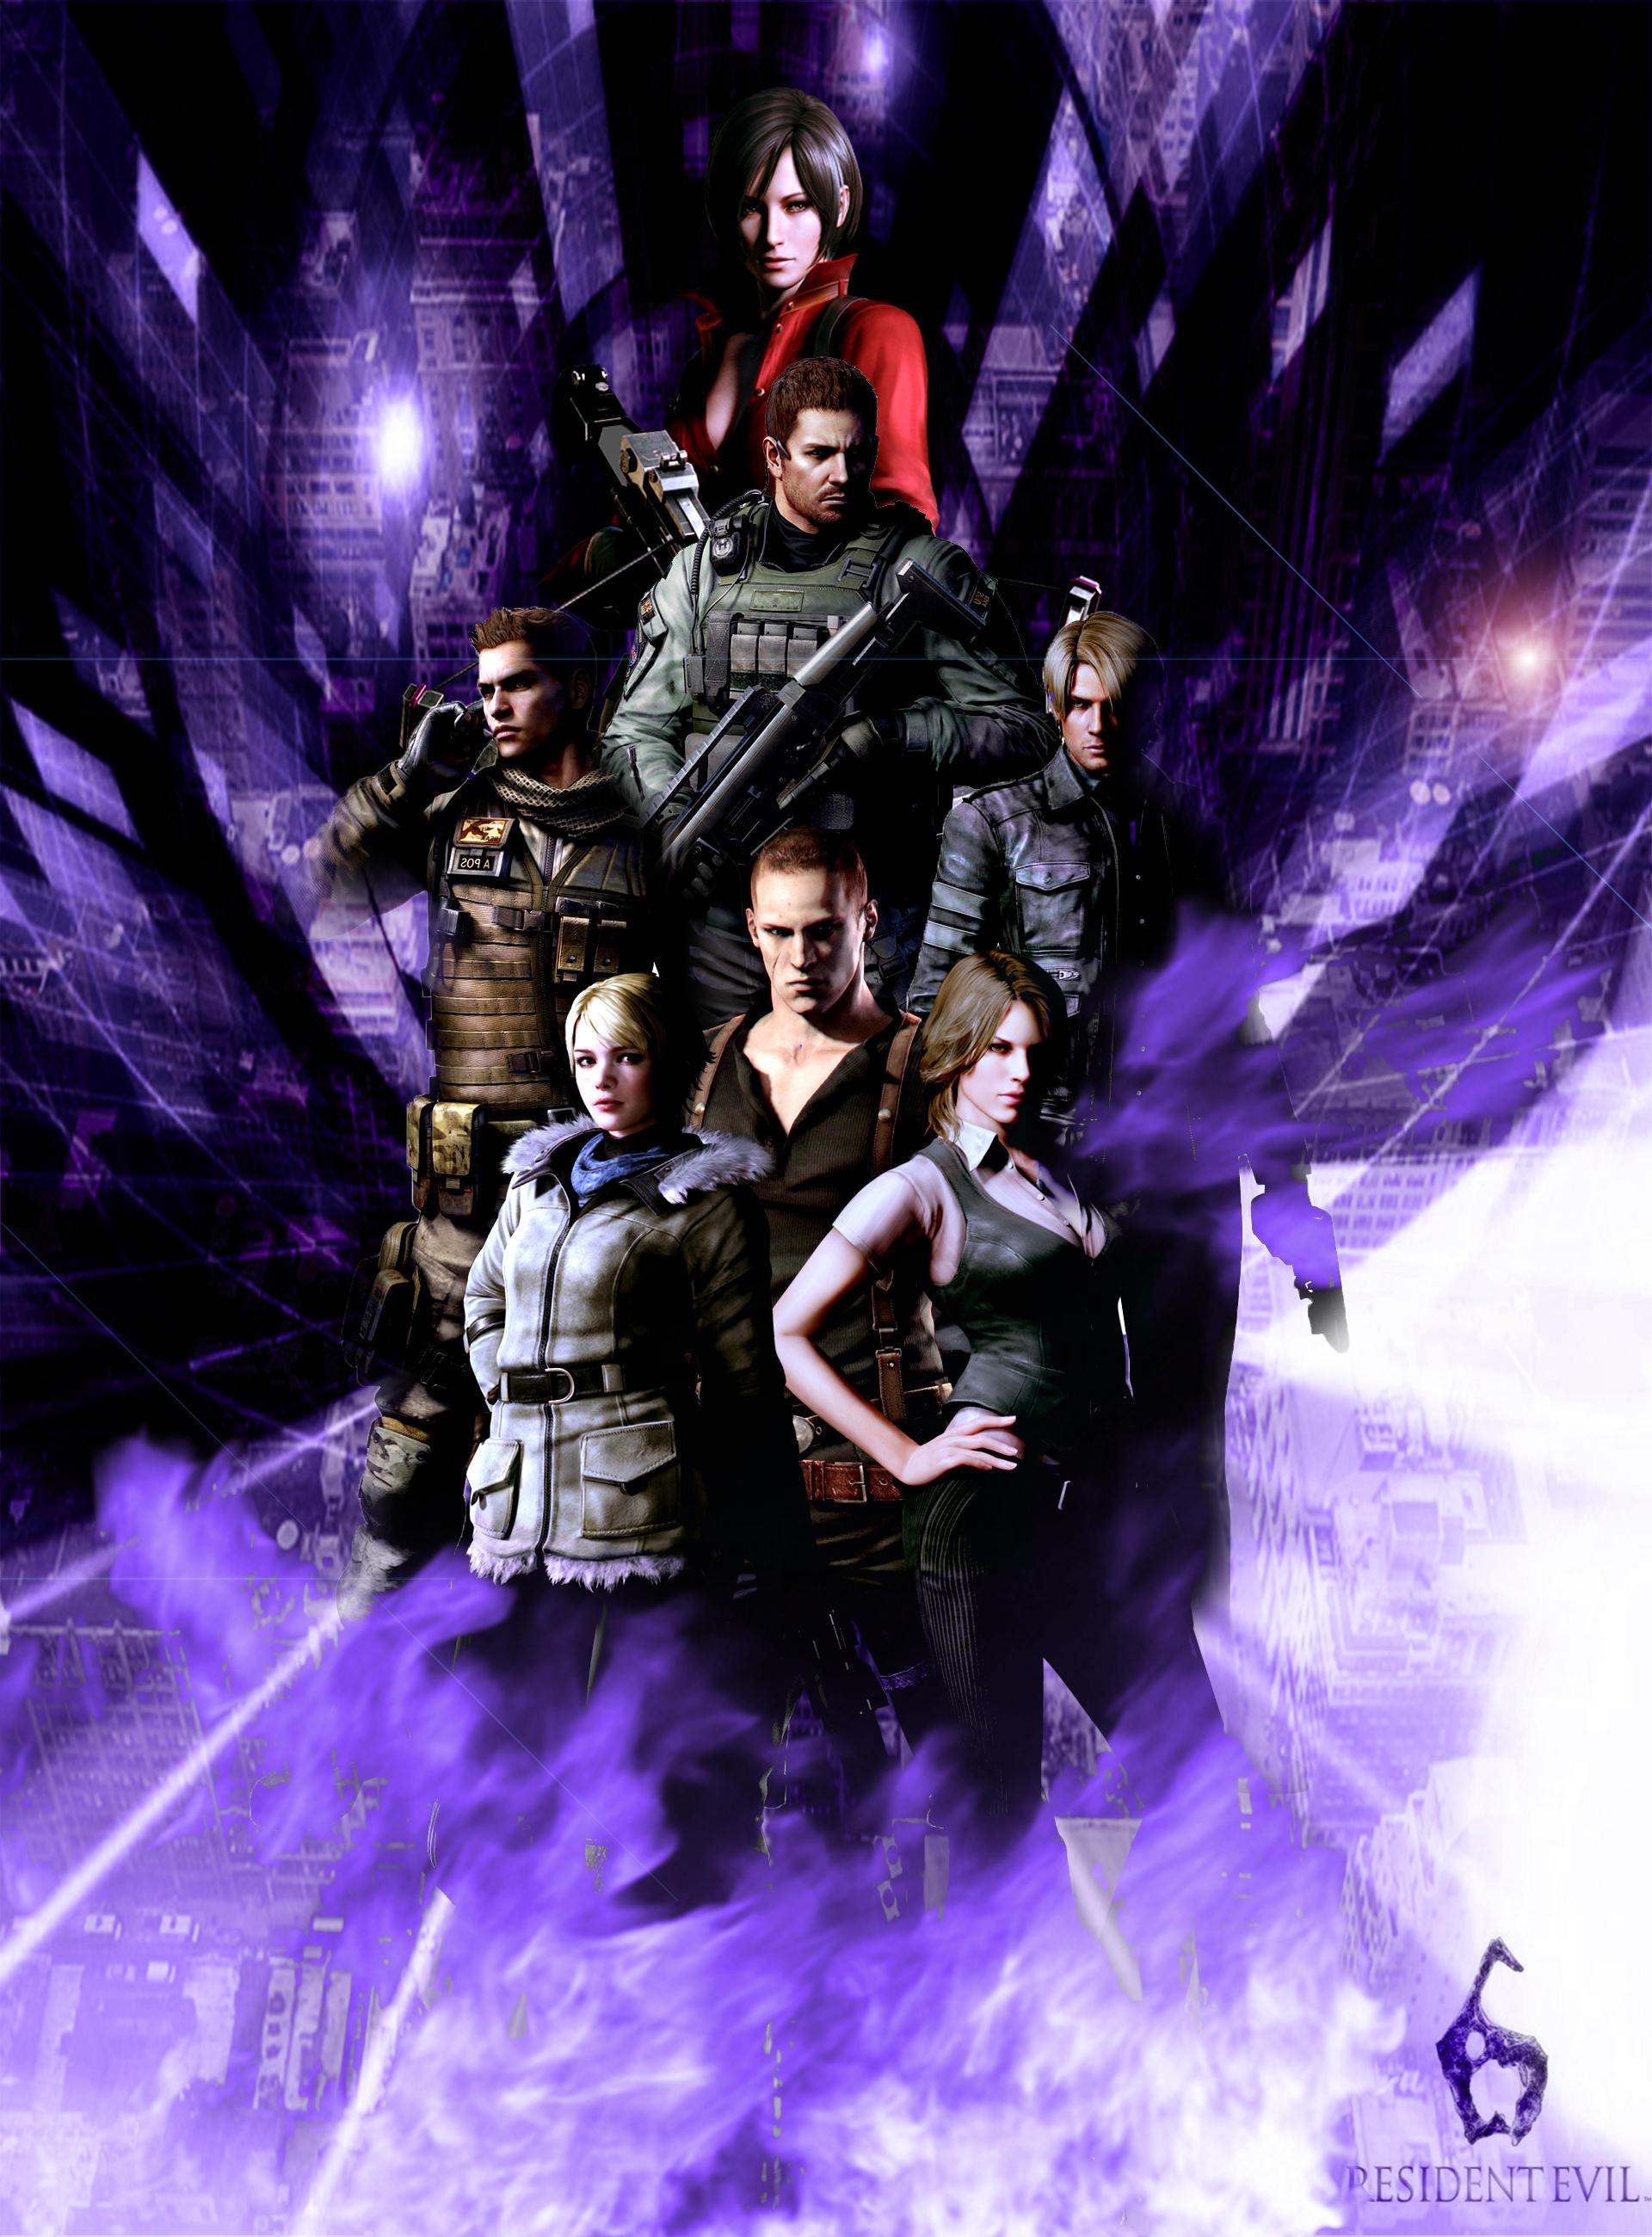 Resident Evil 6 Wallpaper By Germanwallpaper